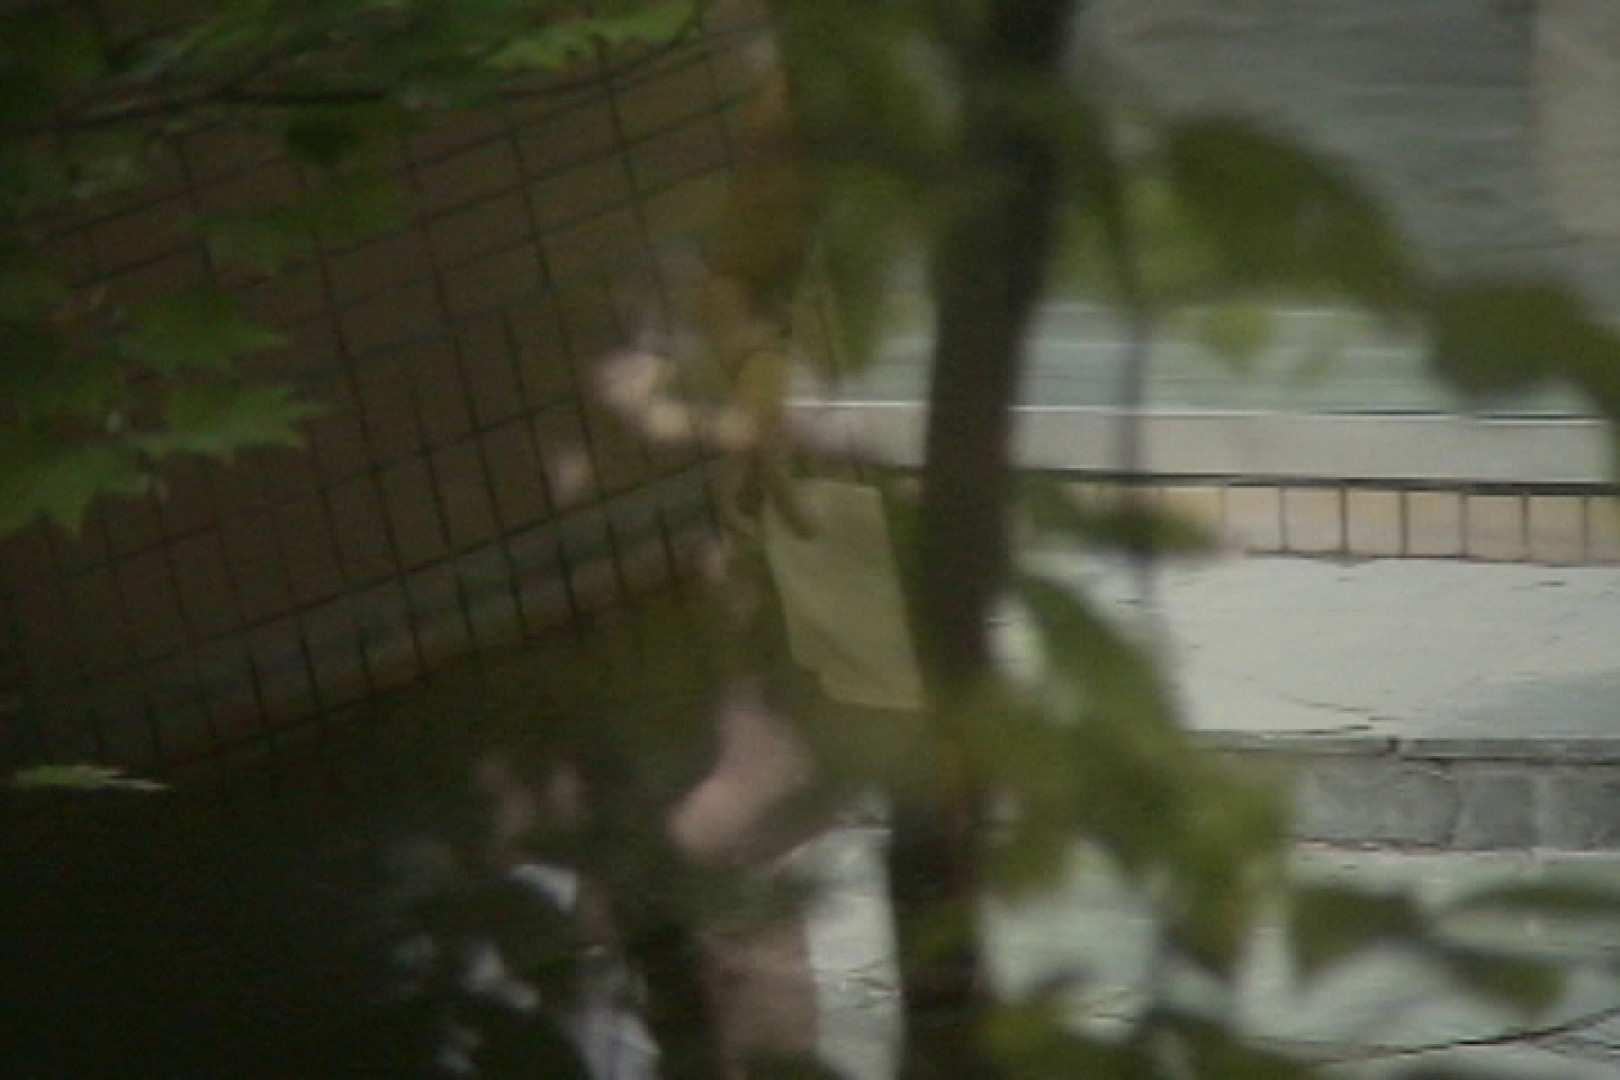 Aquaな露天風呂Vol.711 OLエロ画像 | 露天  81PICs 73